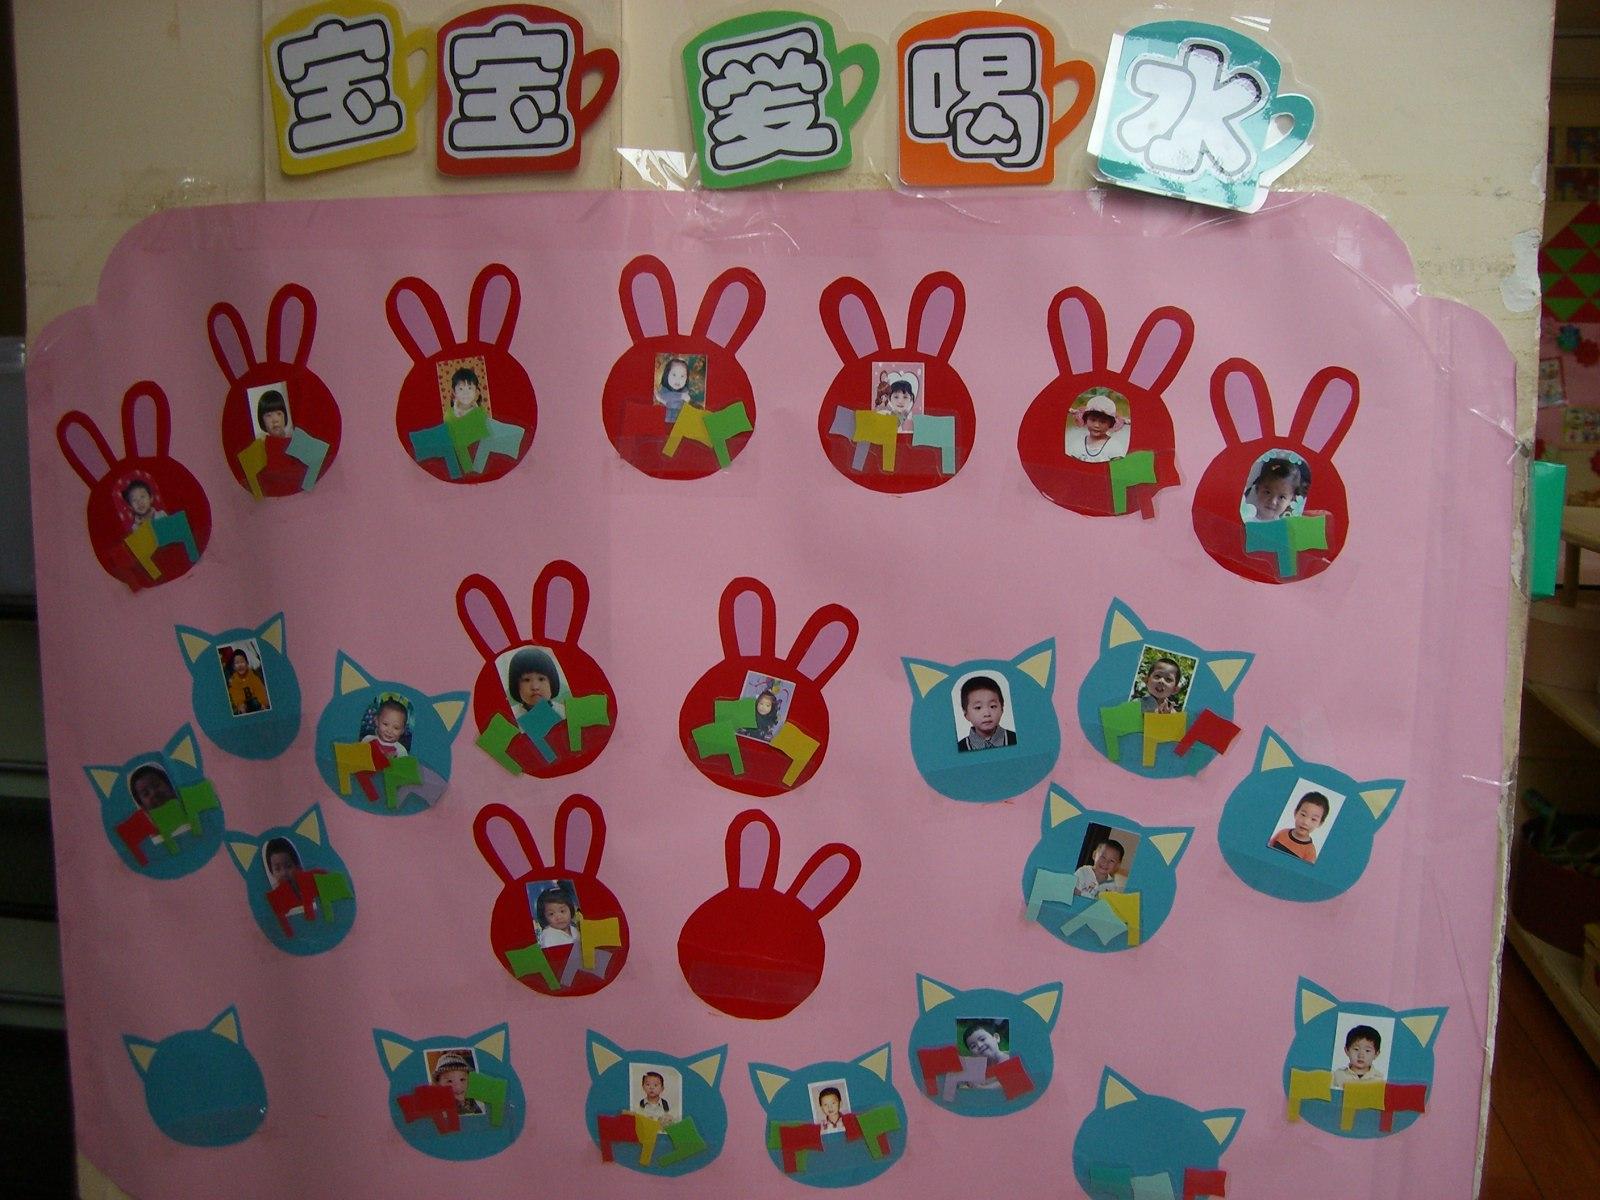 幼儿园外出春游小旗子制作图